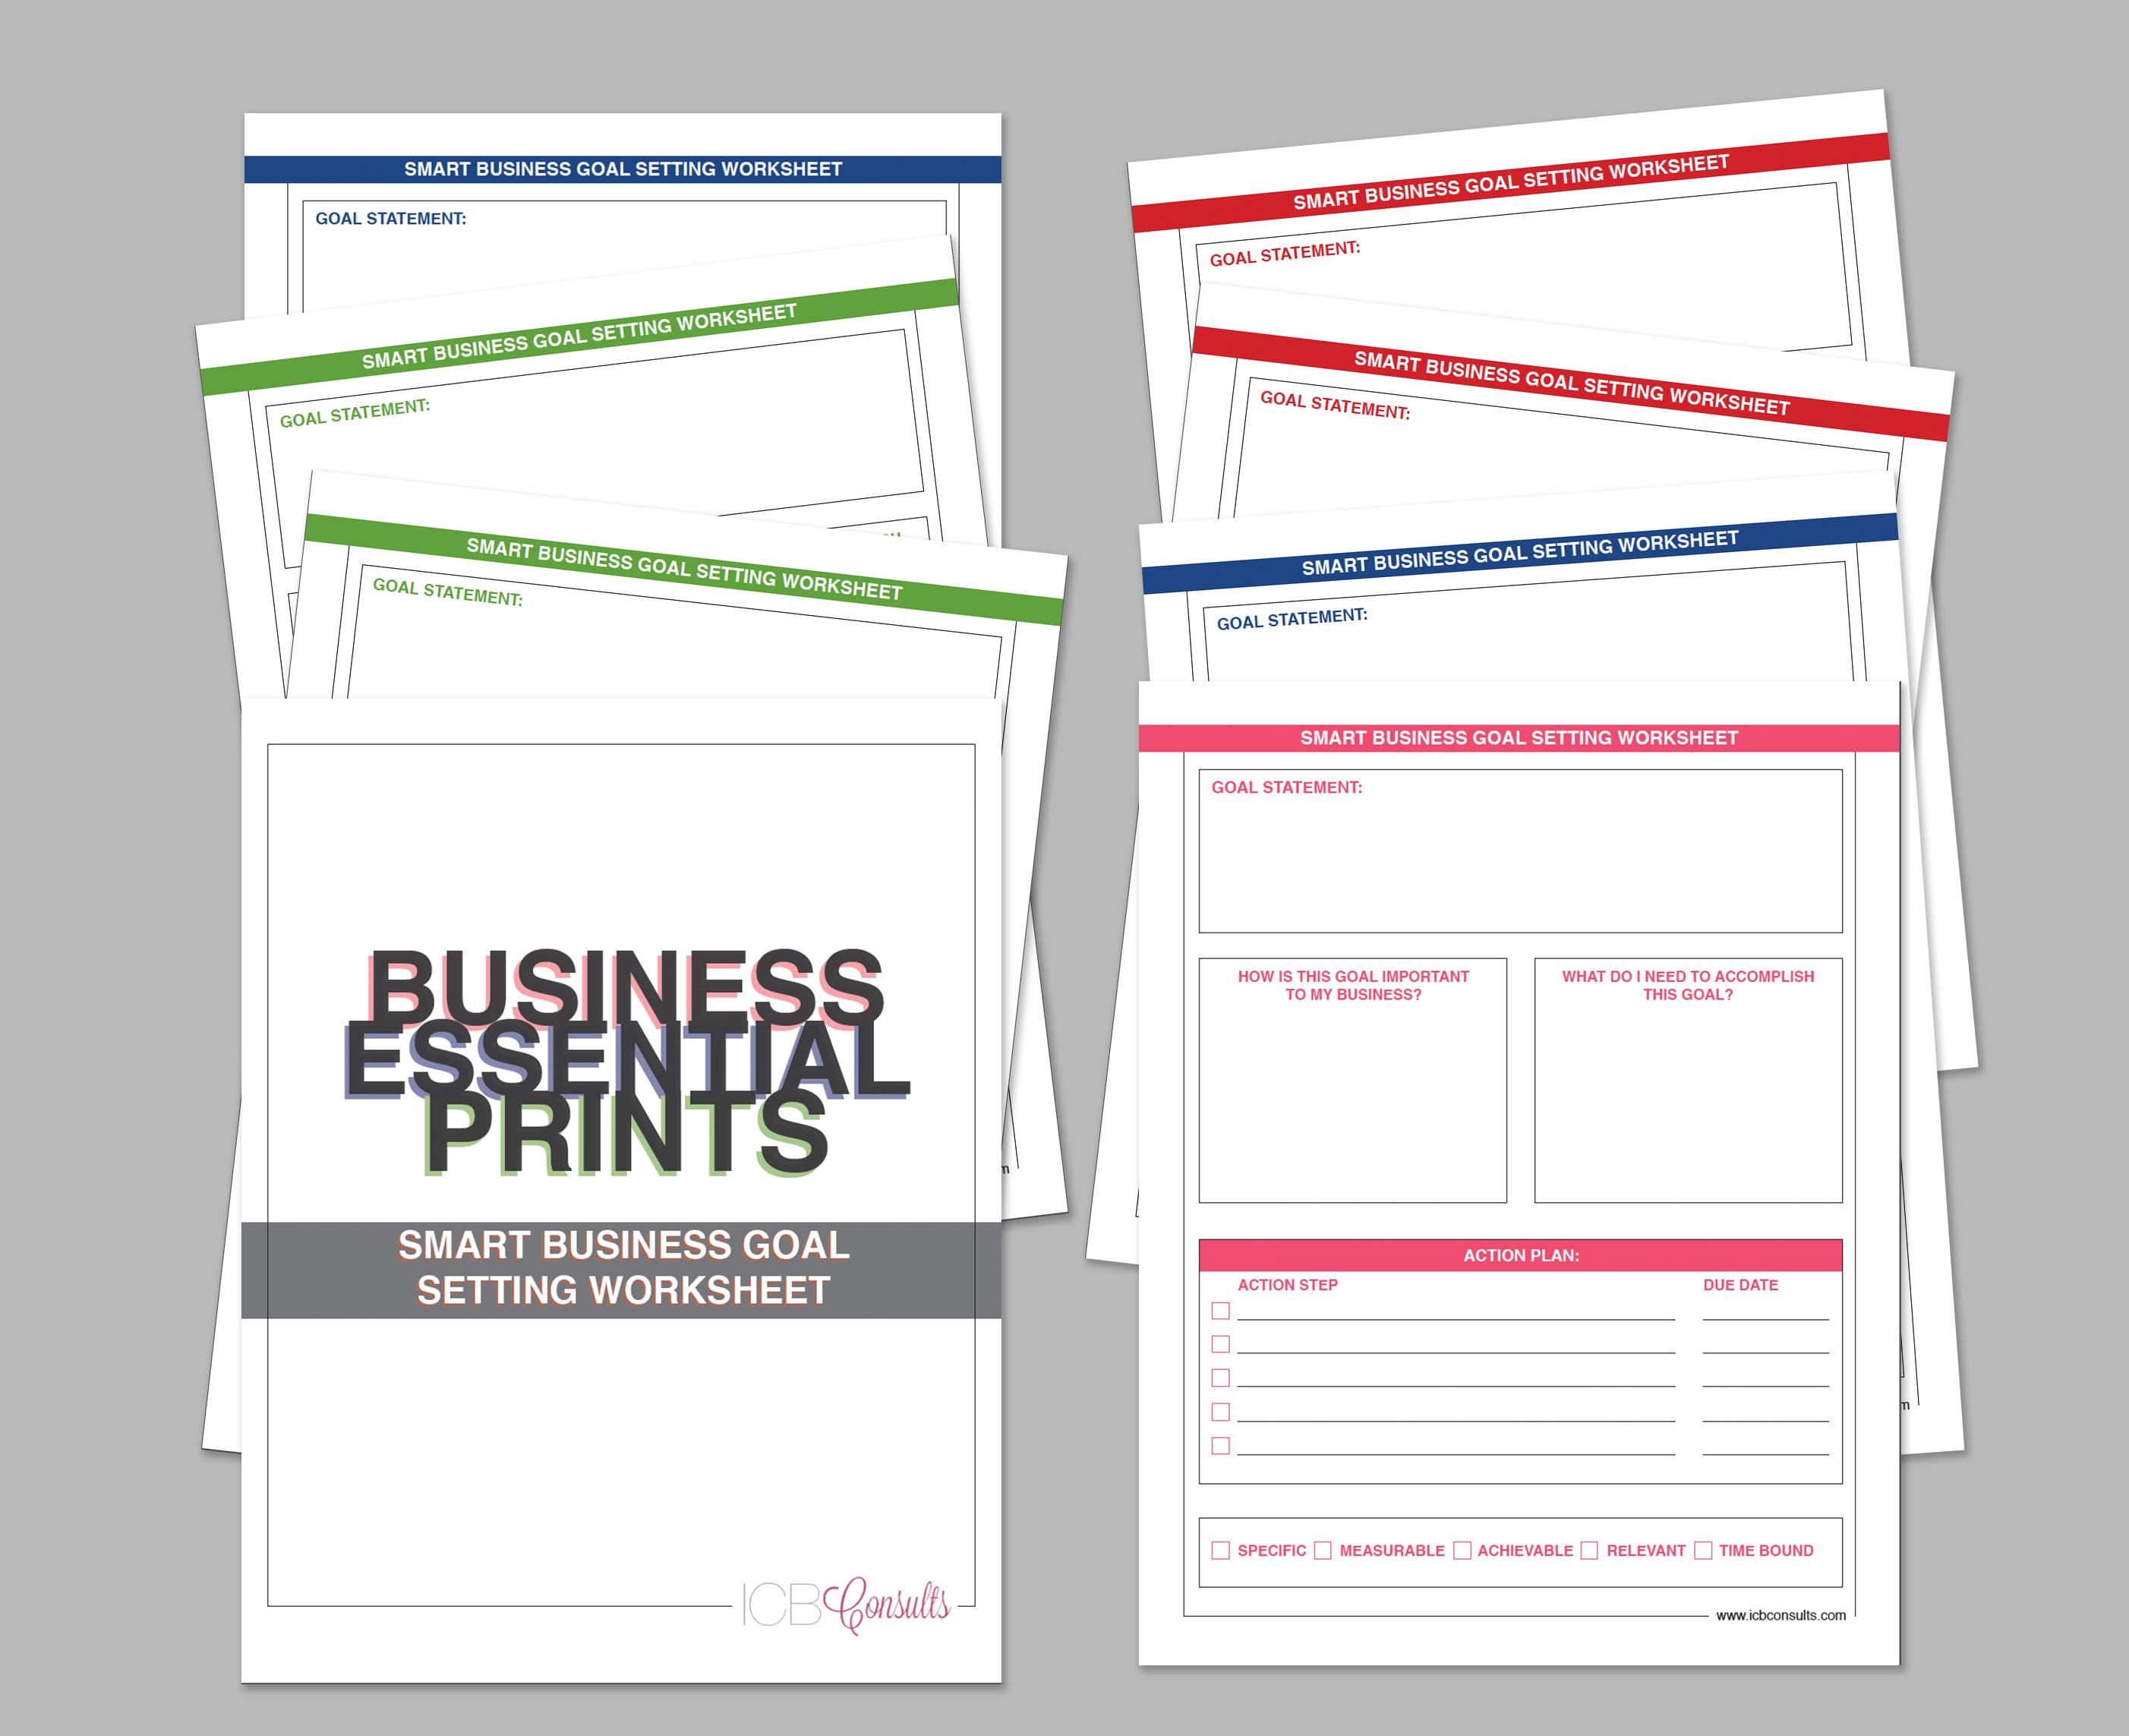 SMART Goals Worksheet Imperfect Concepts – Smart Goals Worksheet